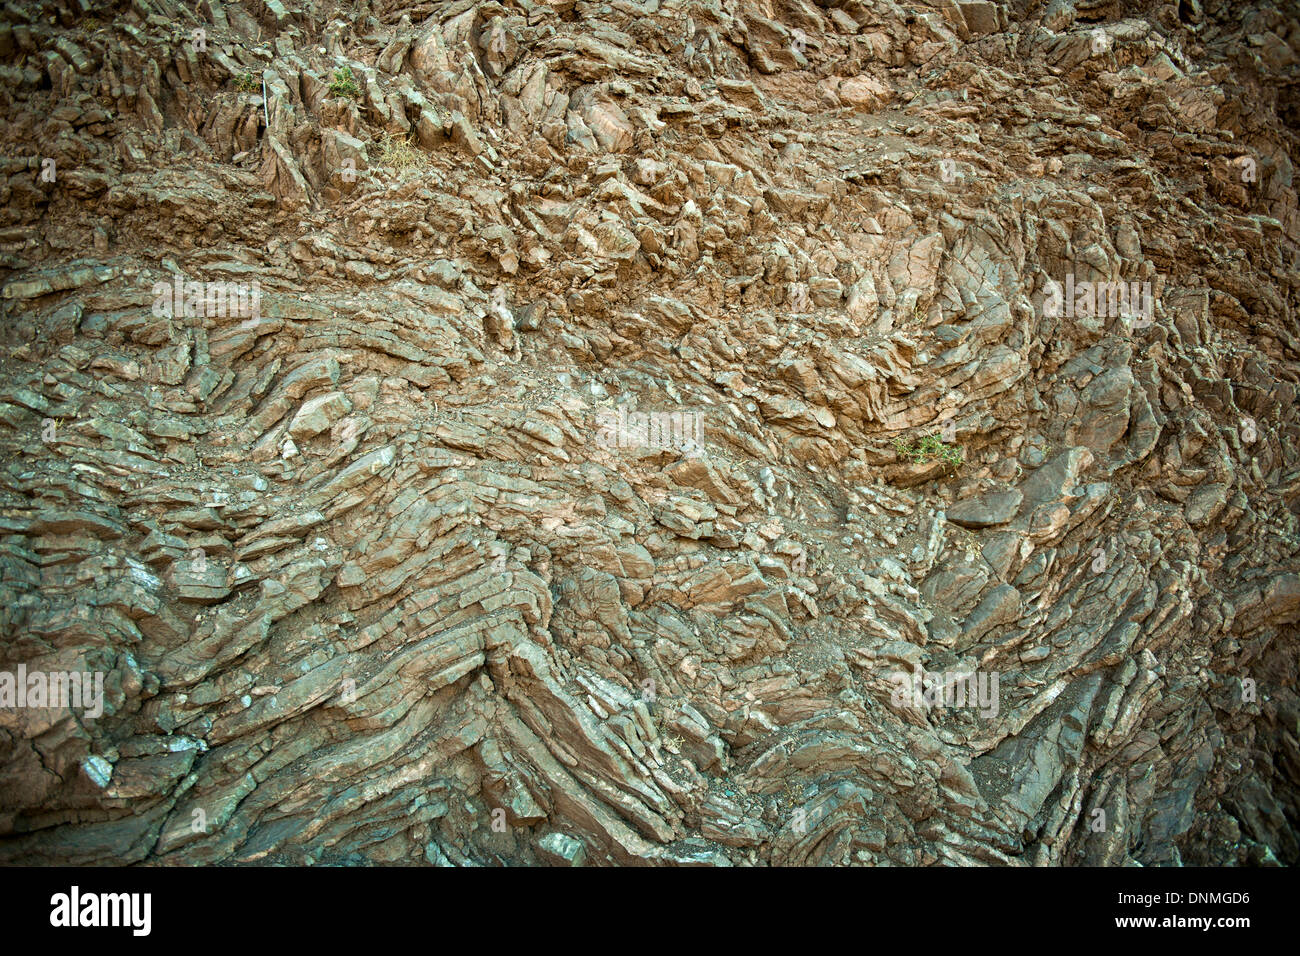 Griechenland, Insel Tilos, Gesteinsschicht im Gebirge - Stock Image